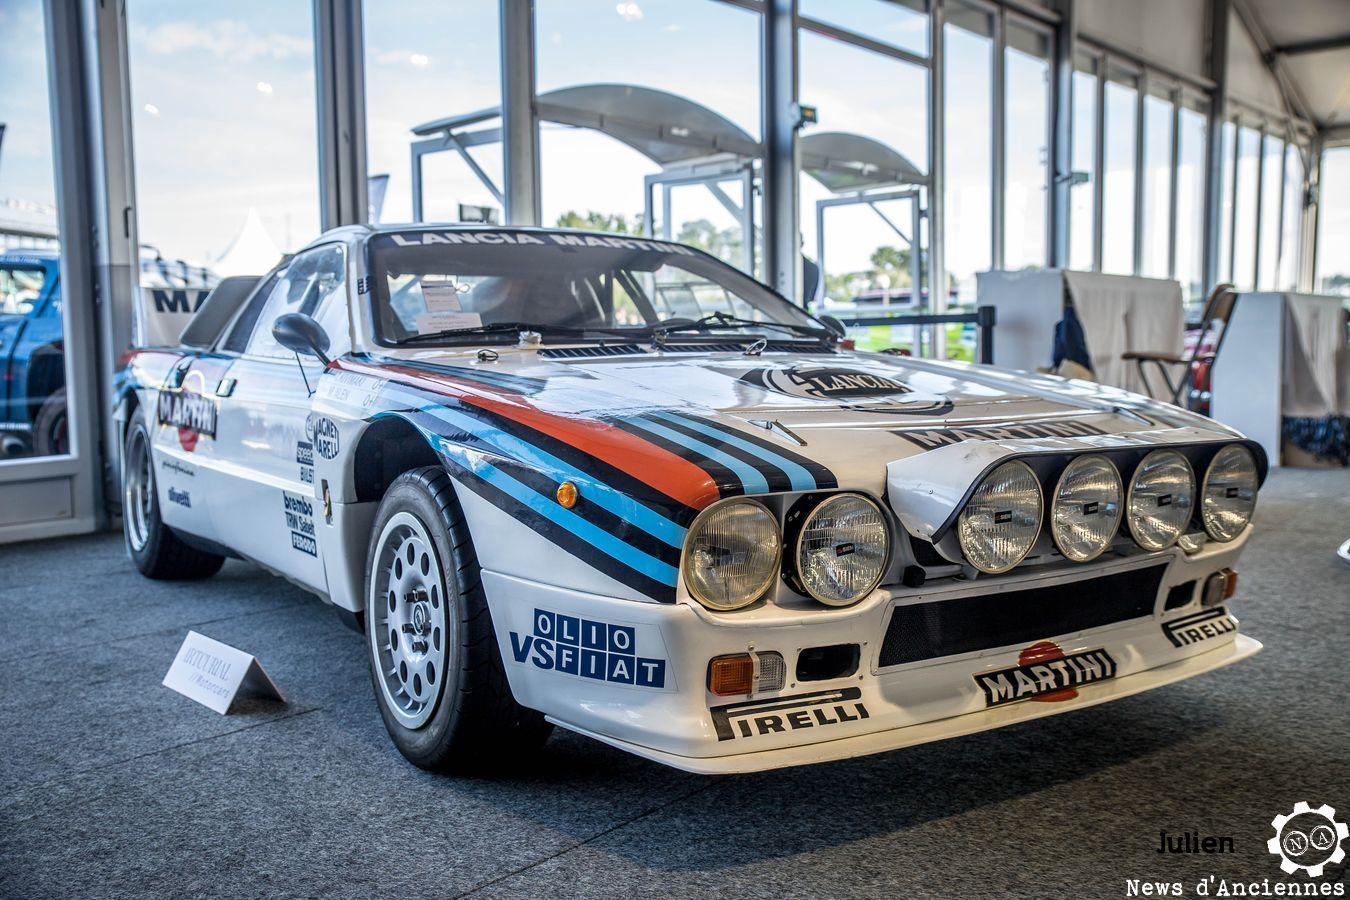 #Lancia #037 à #LeMansClassic 2016 #MoteuràSouvenirs Reportages : http://newsdanciennes.com/tag/le-mans-classic/ #ClassicCars #ClassicRacing